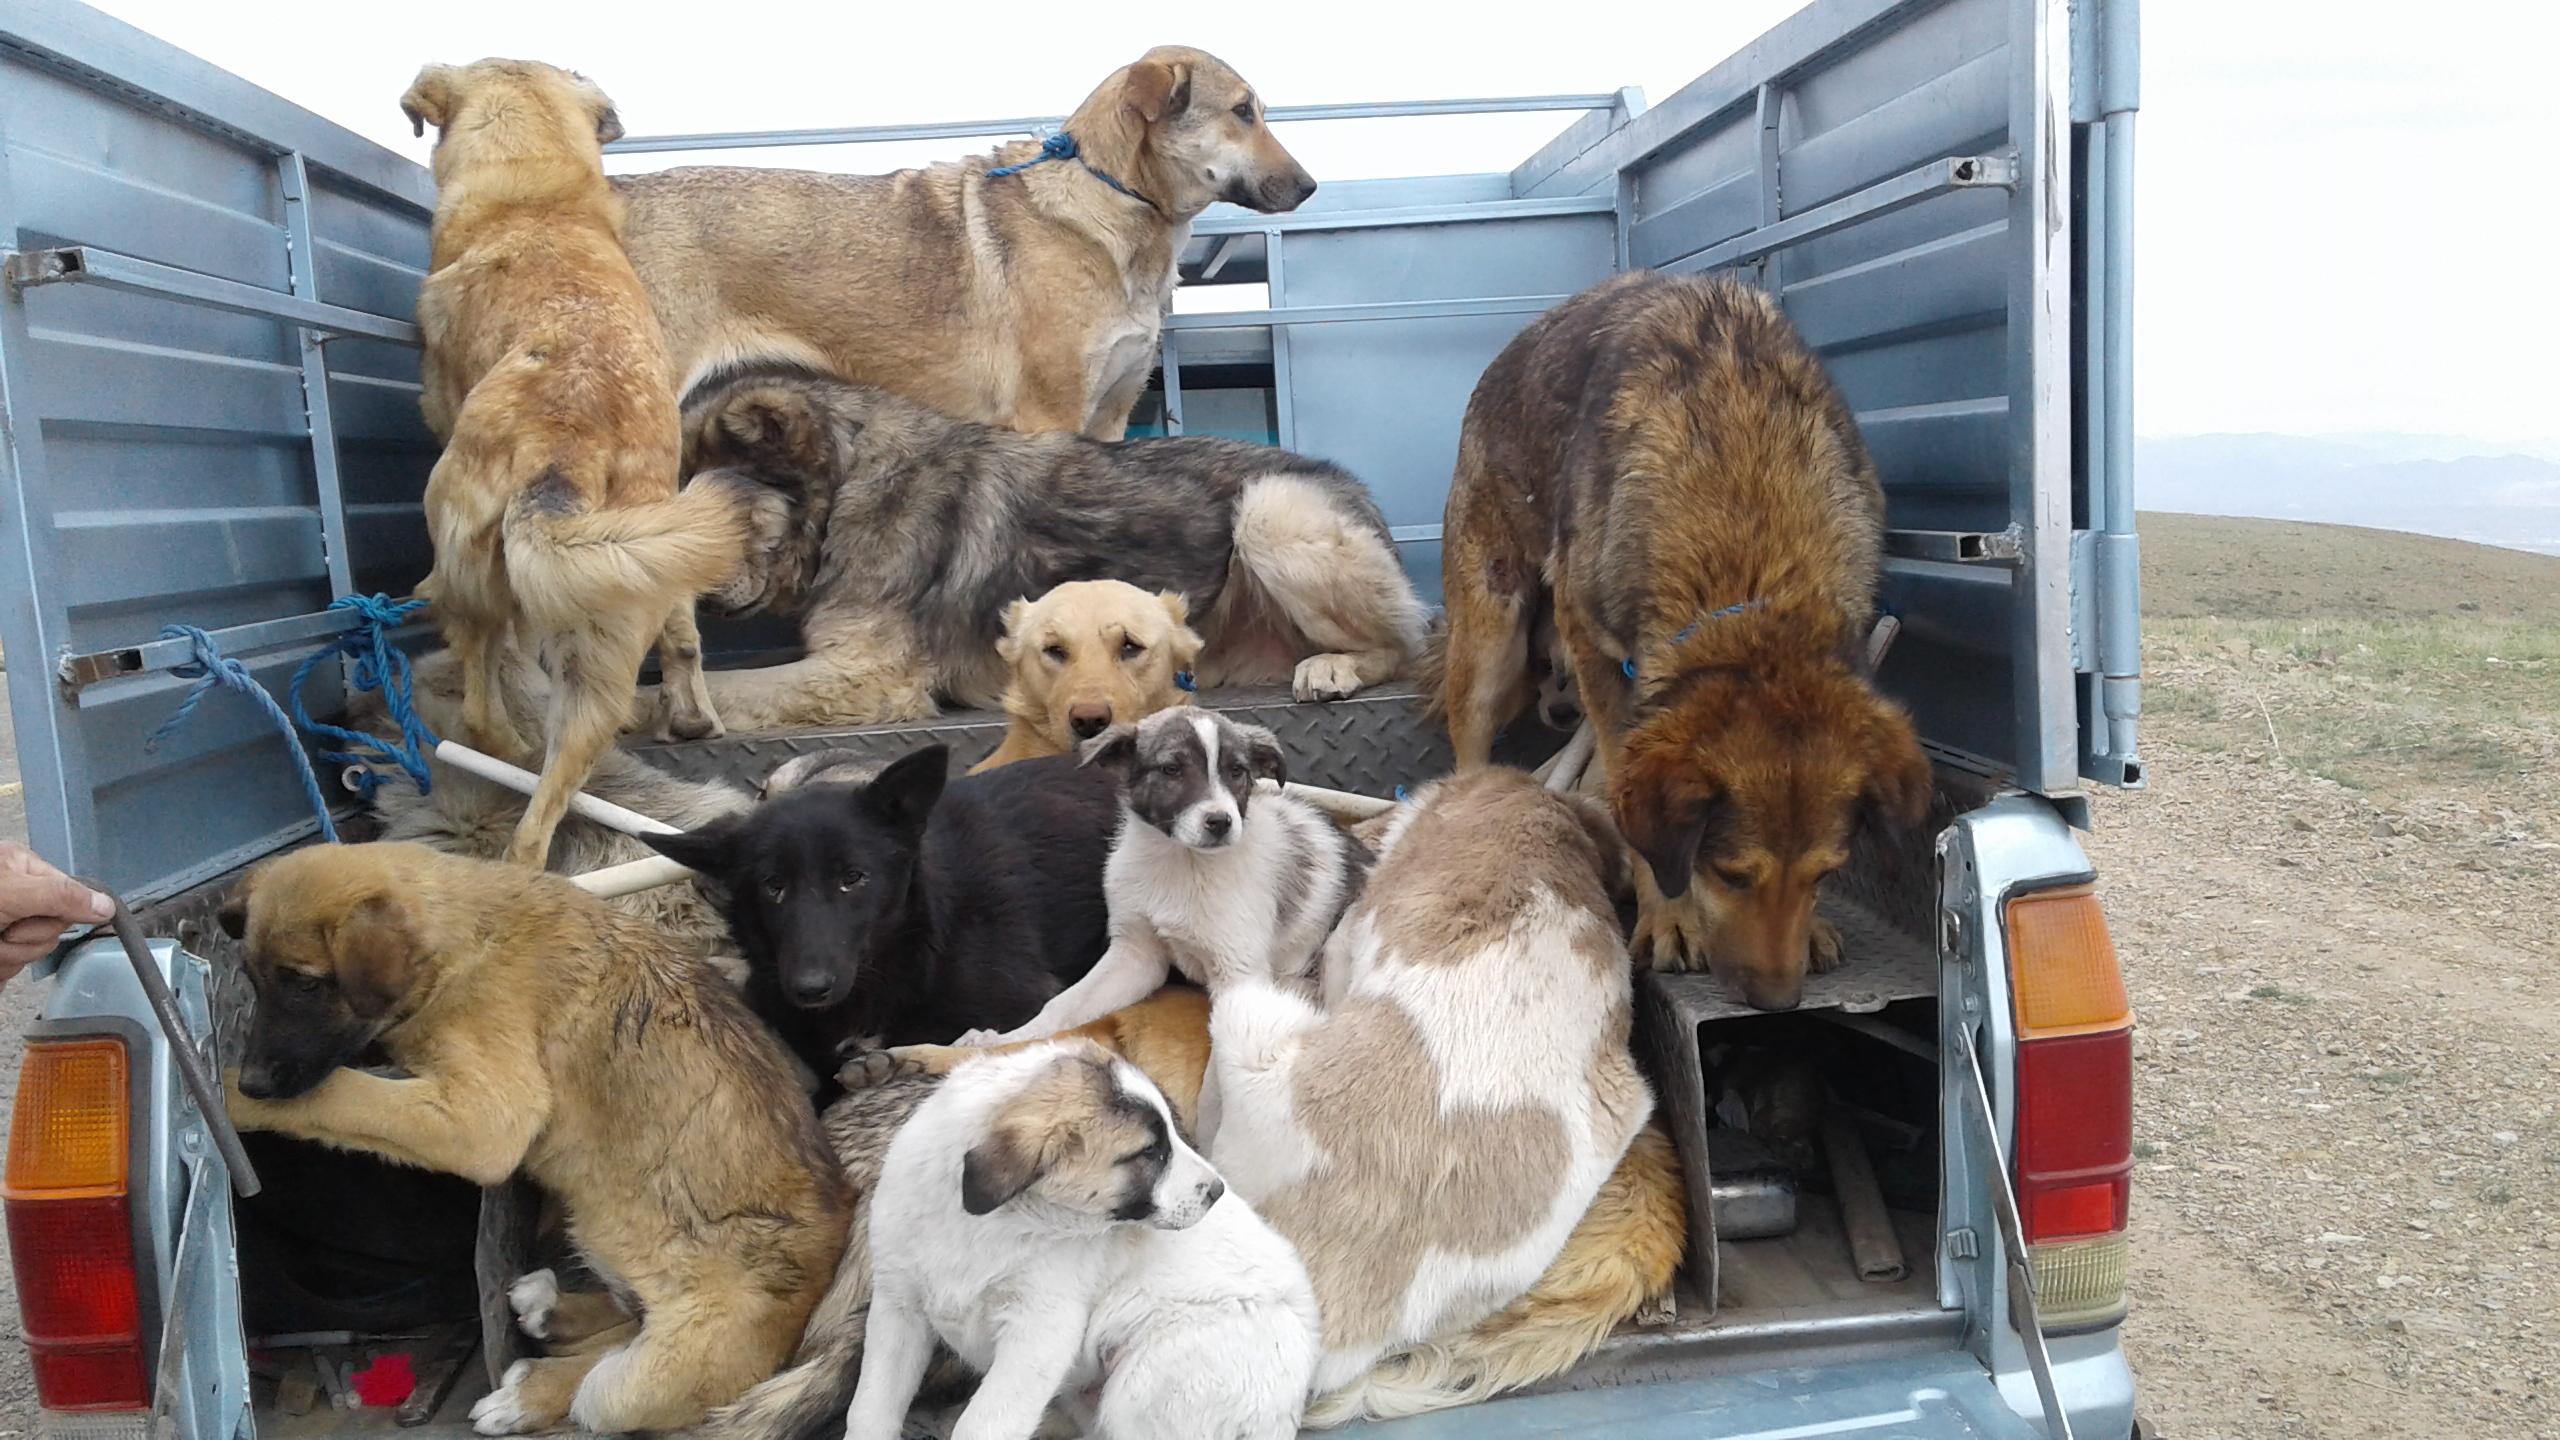 واکنش مدیریت شهری به انتشار فیلم سگ کشی